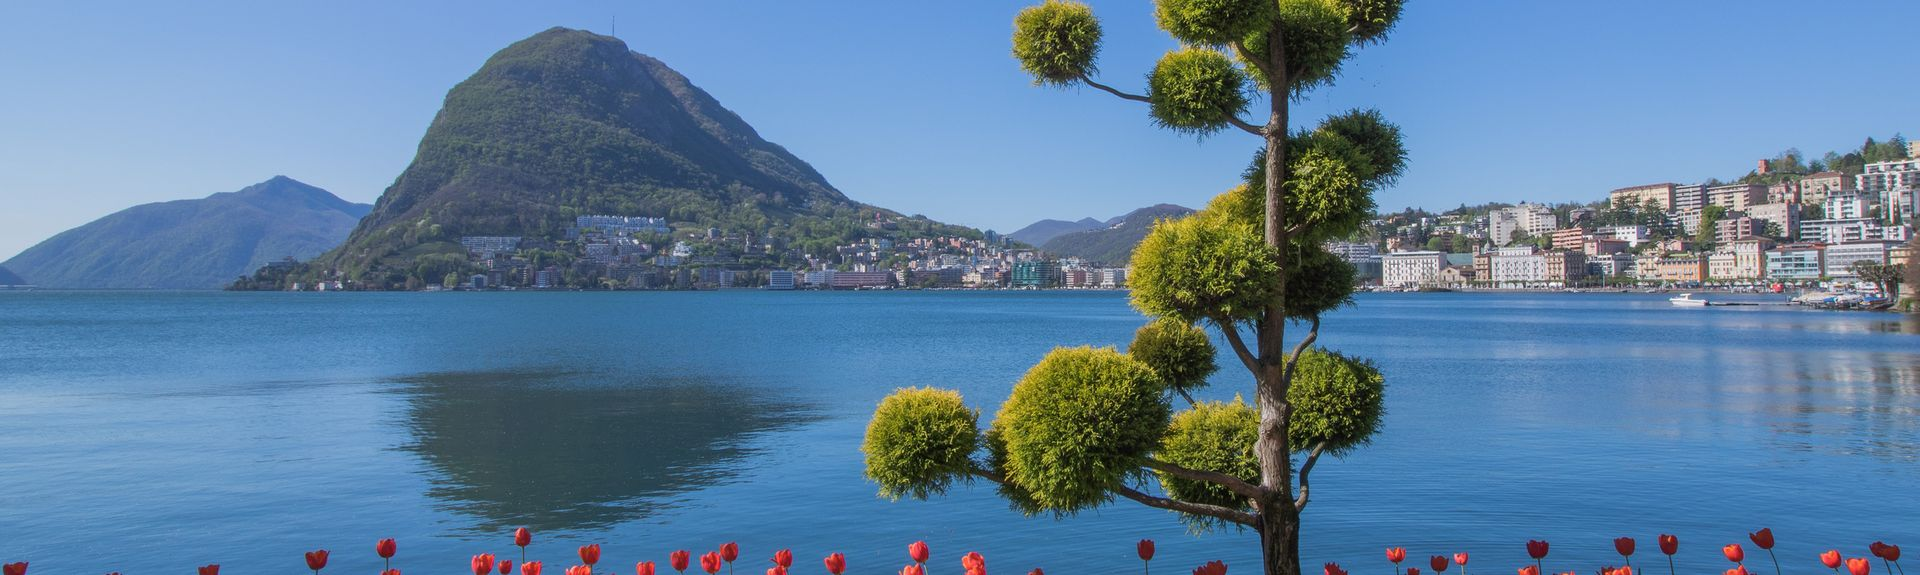 Pura, Switzerland